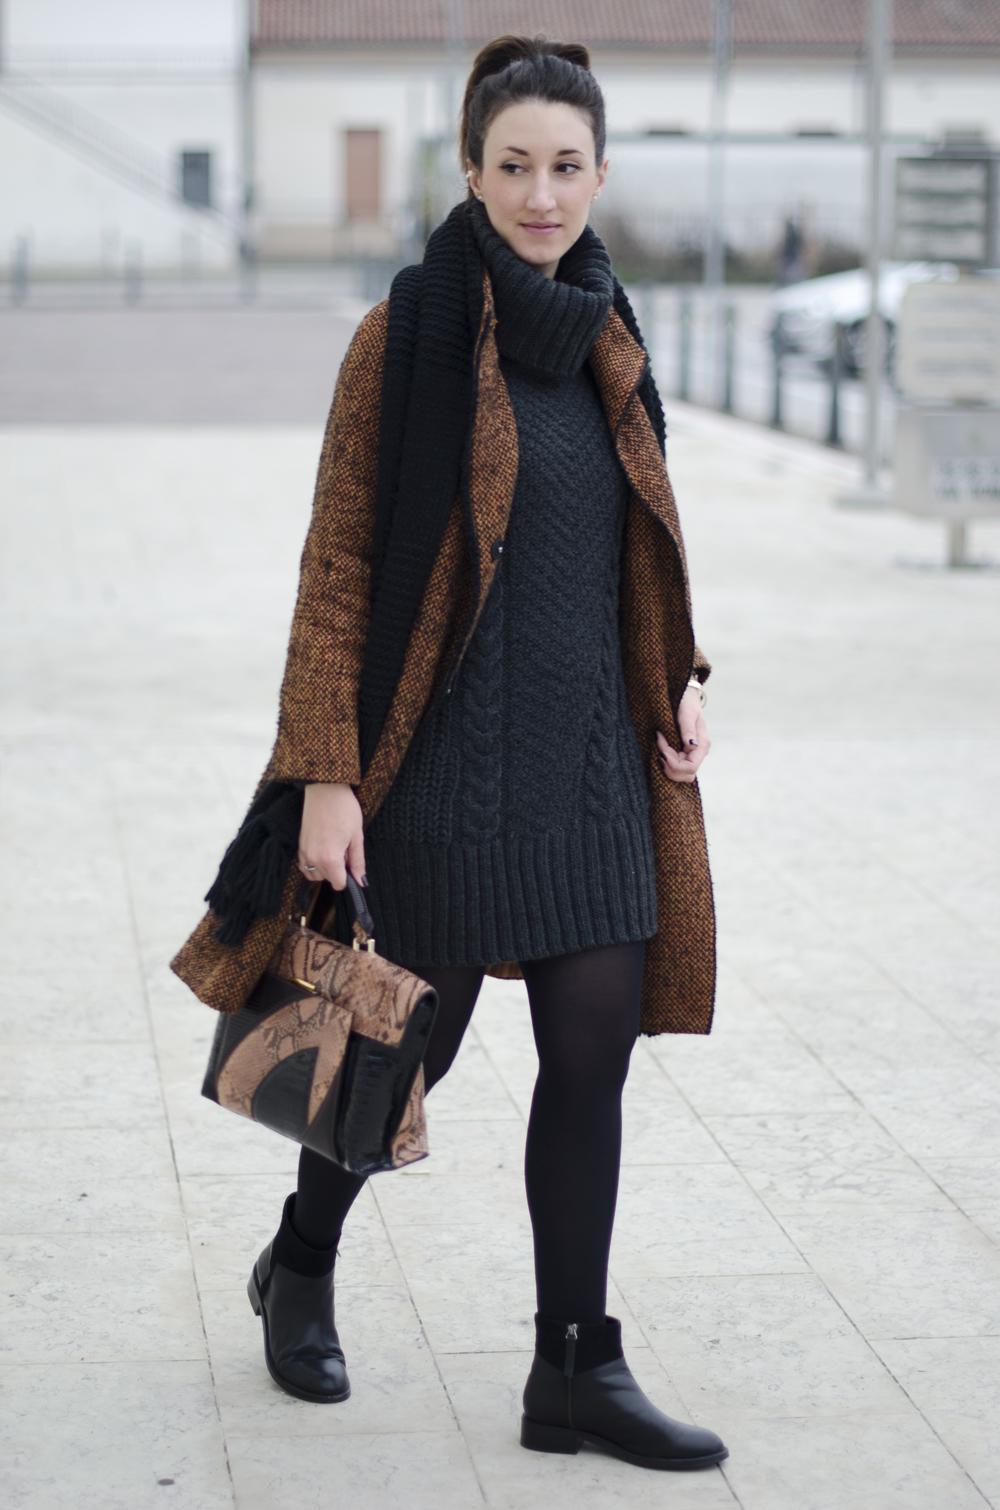 Invernale Look Per Un Trecce Cappotto Oversize A Maglione E gq1qw